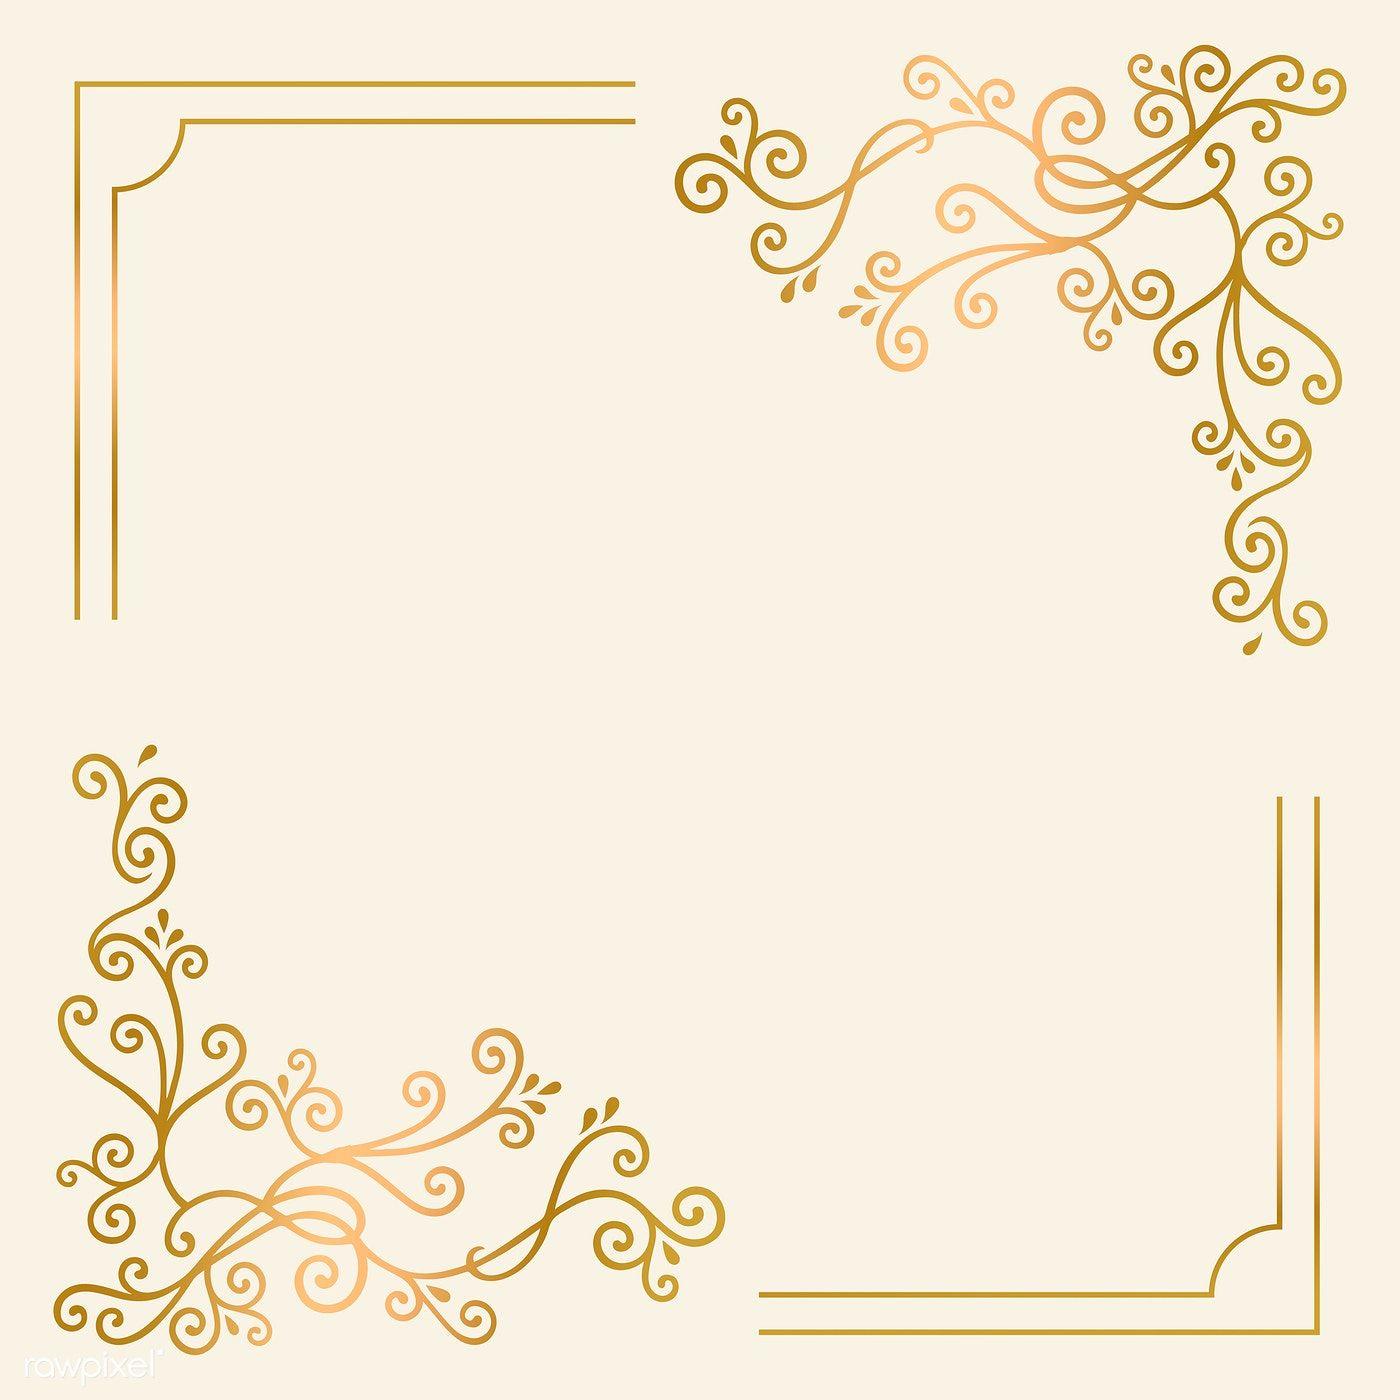 Golden Vintage Ornament Frame Vector Free Image By Rawpixel Com Filmful Vintage Frames Vector Ornament Frame Vector Free